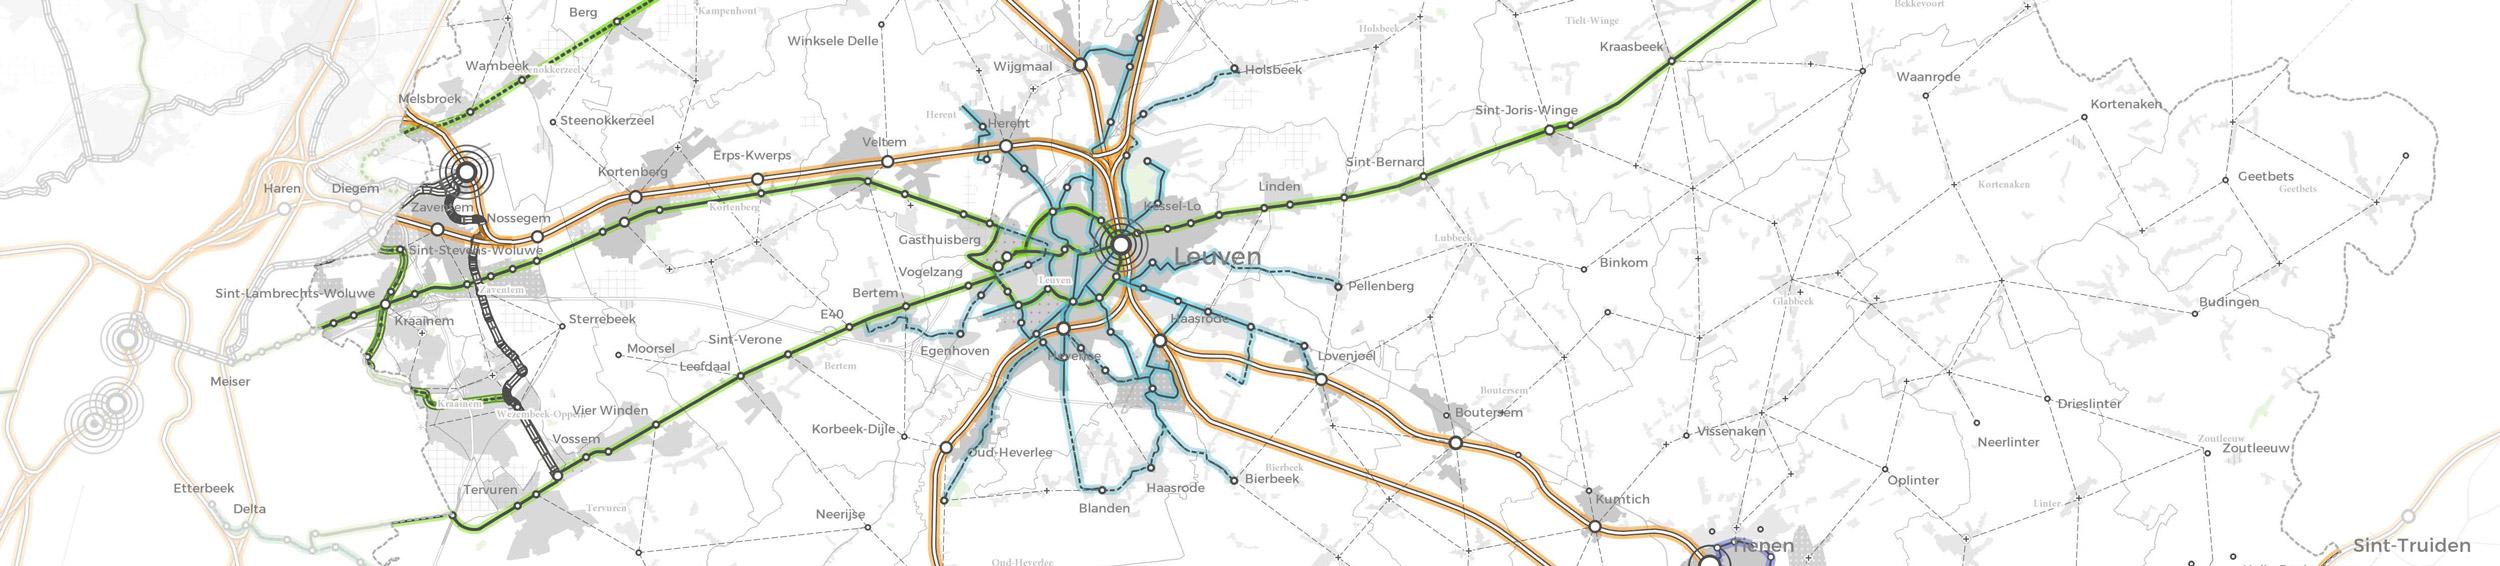 Heading_mobiliteitsnetwerk